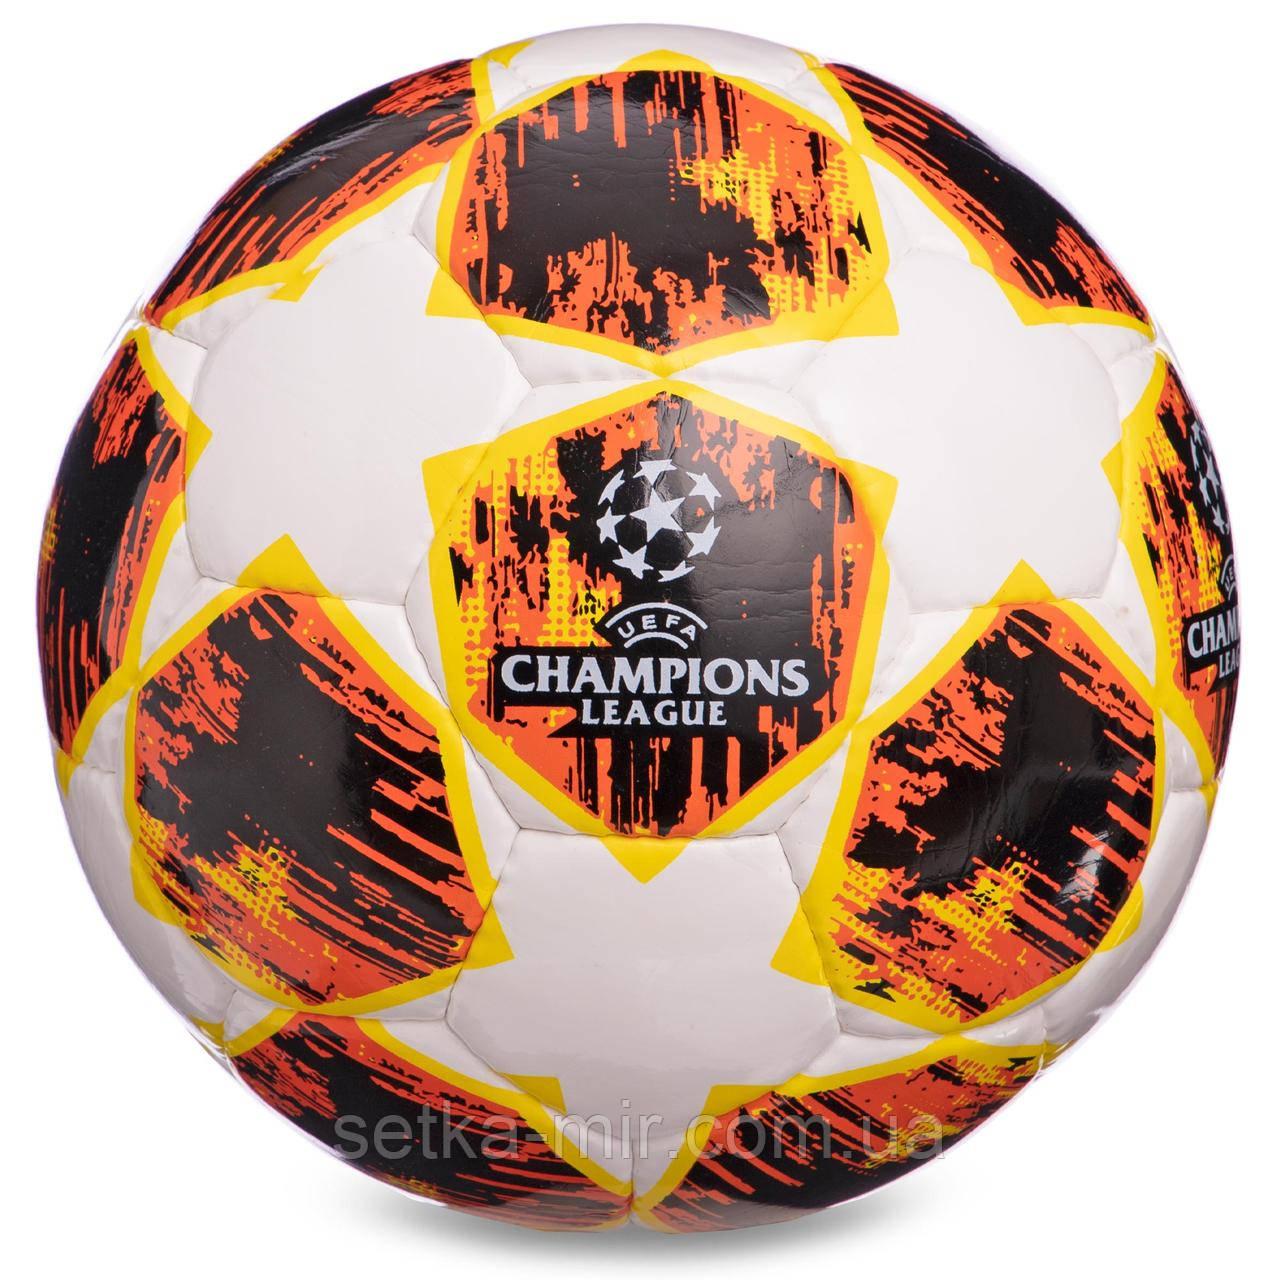 М'яч футбольний №5 PU ламін. CHAMPIONS LEAGUE FB-0151-2 (№5, 5 сл., Зшитий вручну, білий-жовтогарячий)